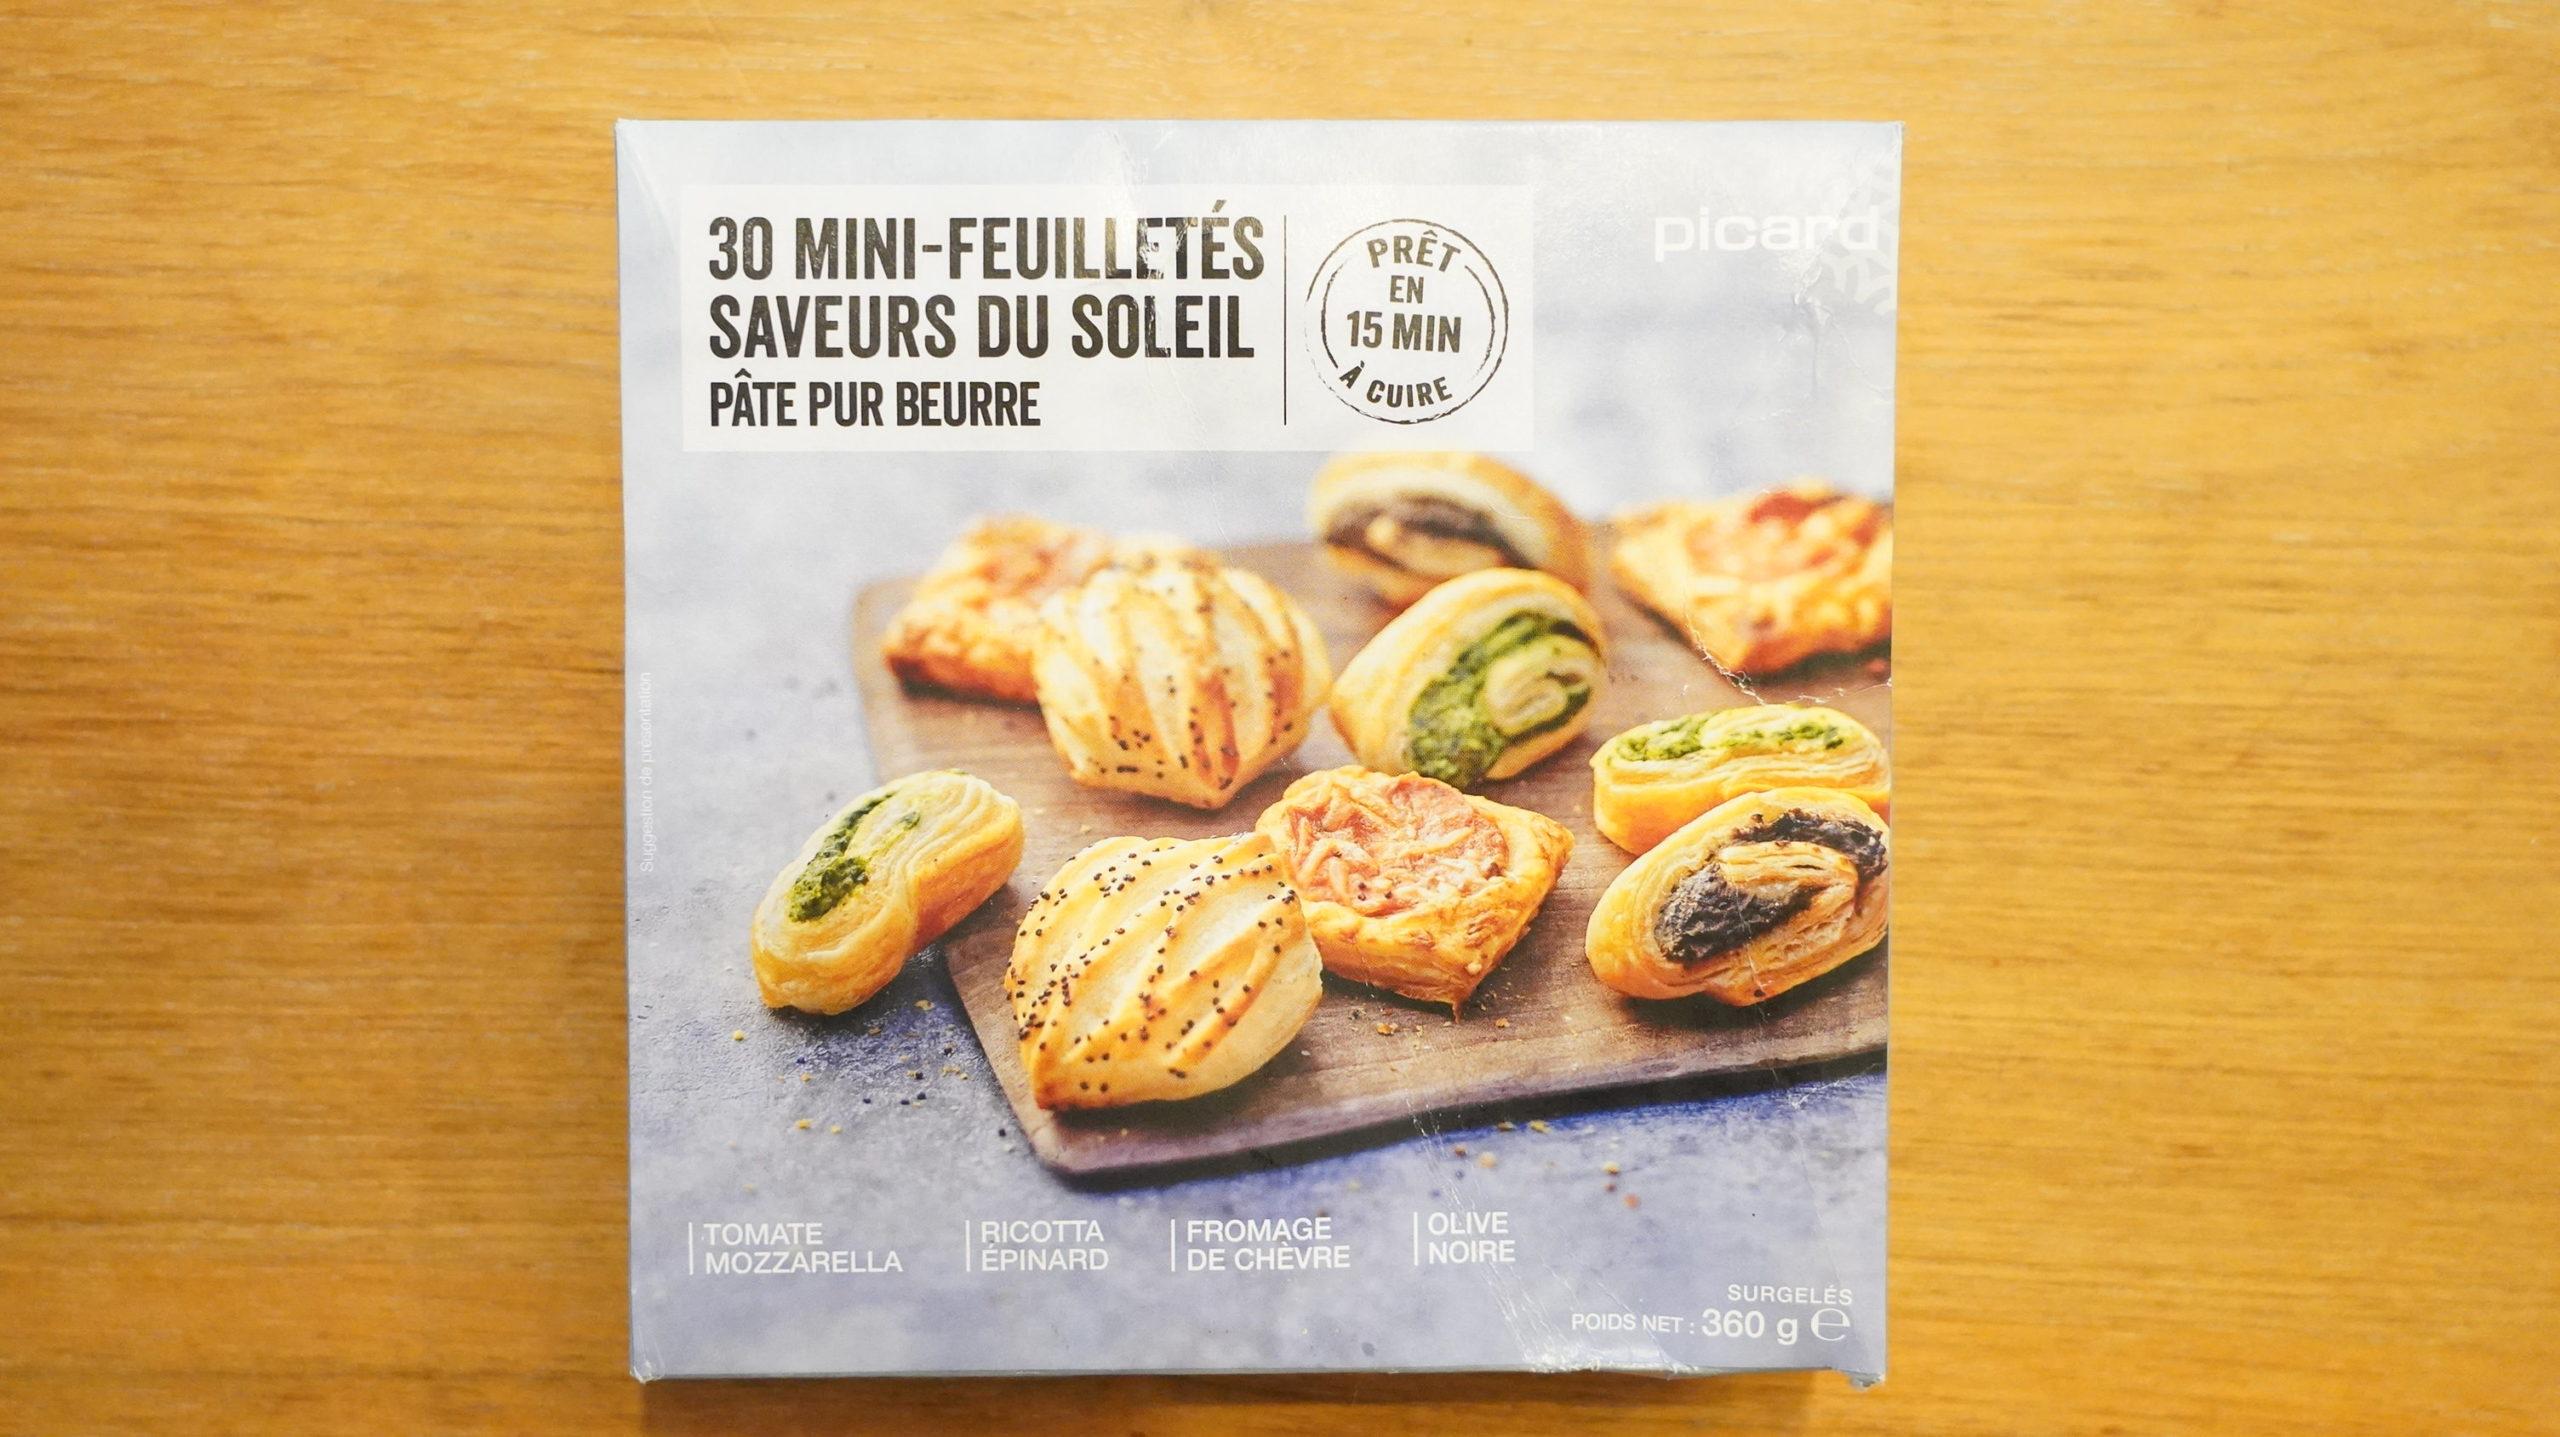 ピカールのおすすめ冷凍食品「食前のおつまみ4種類のミニパイ」のパッケージ写真